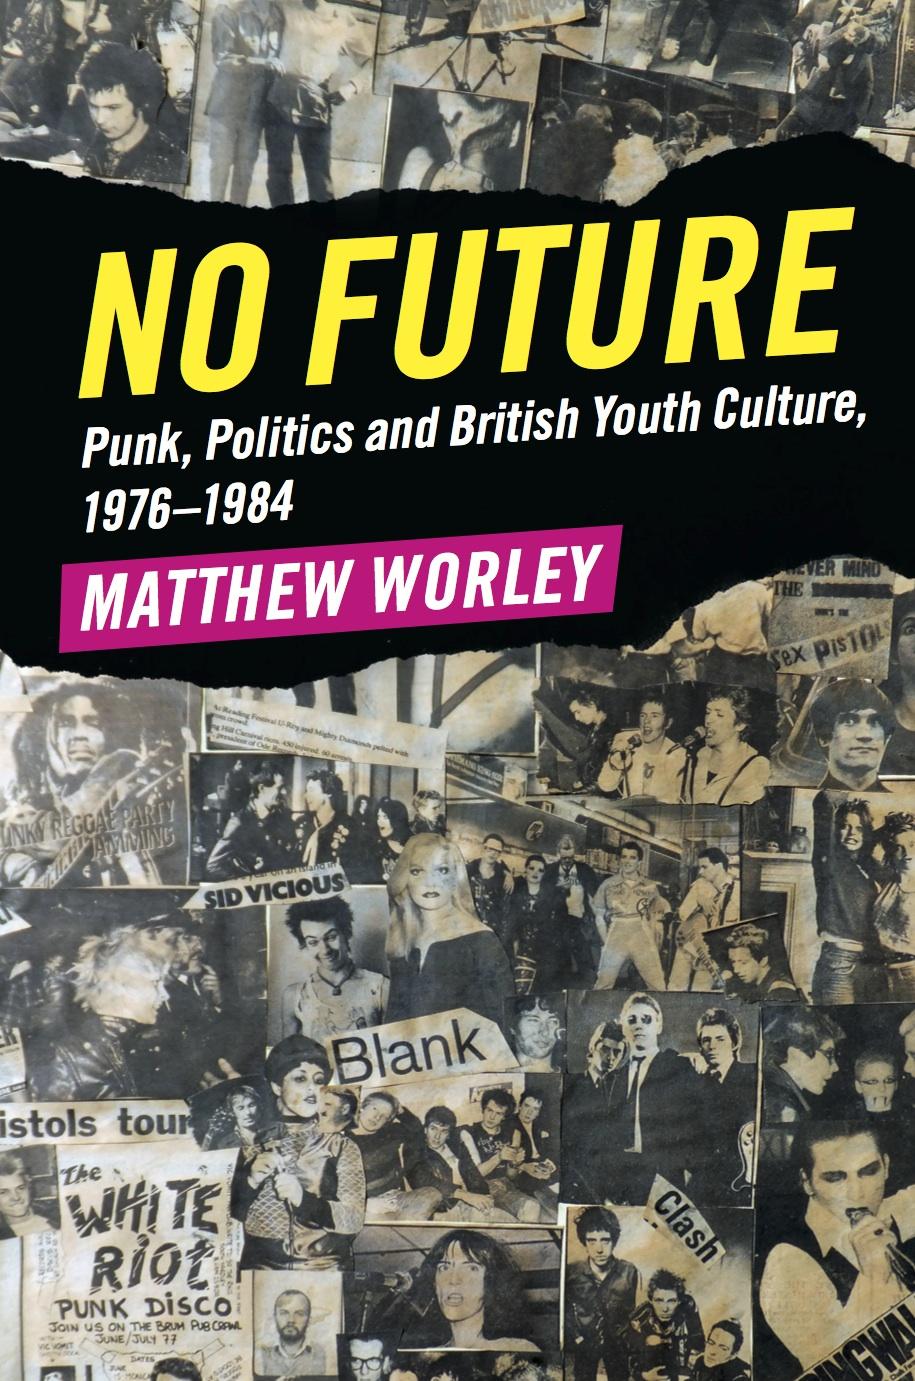 No future book cover